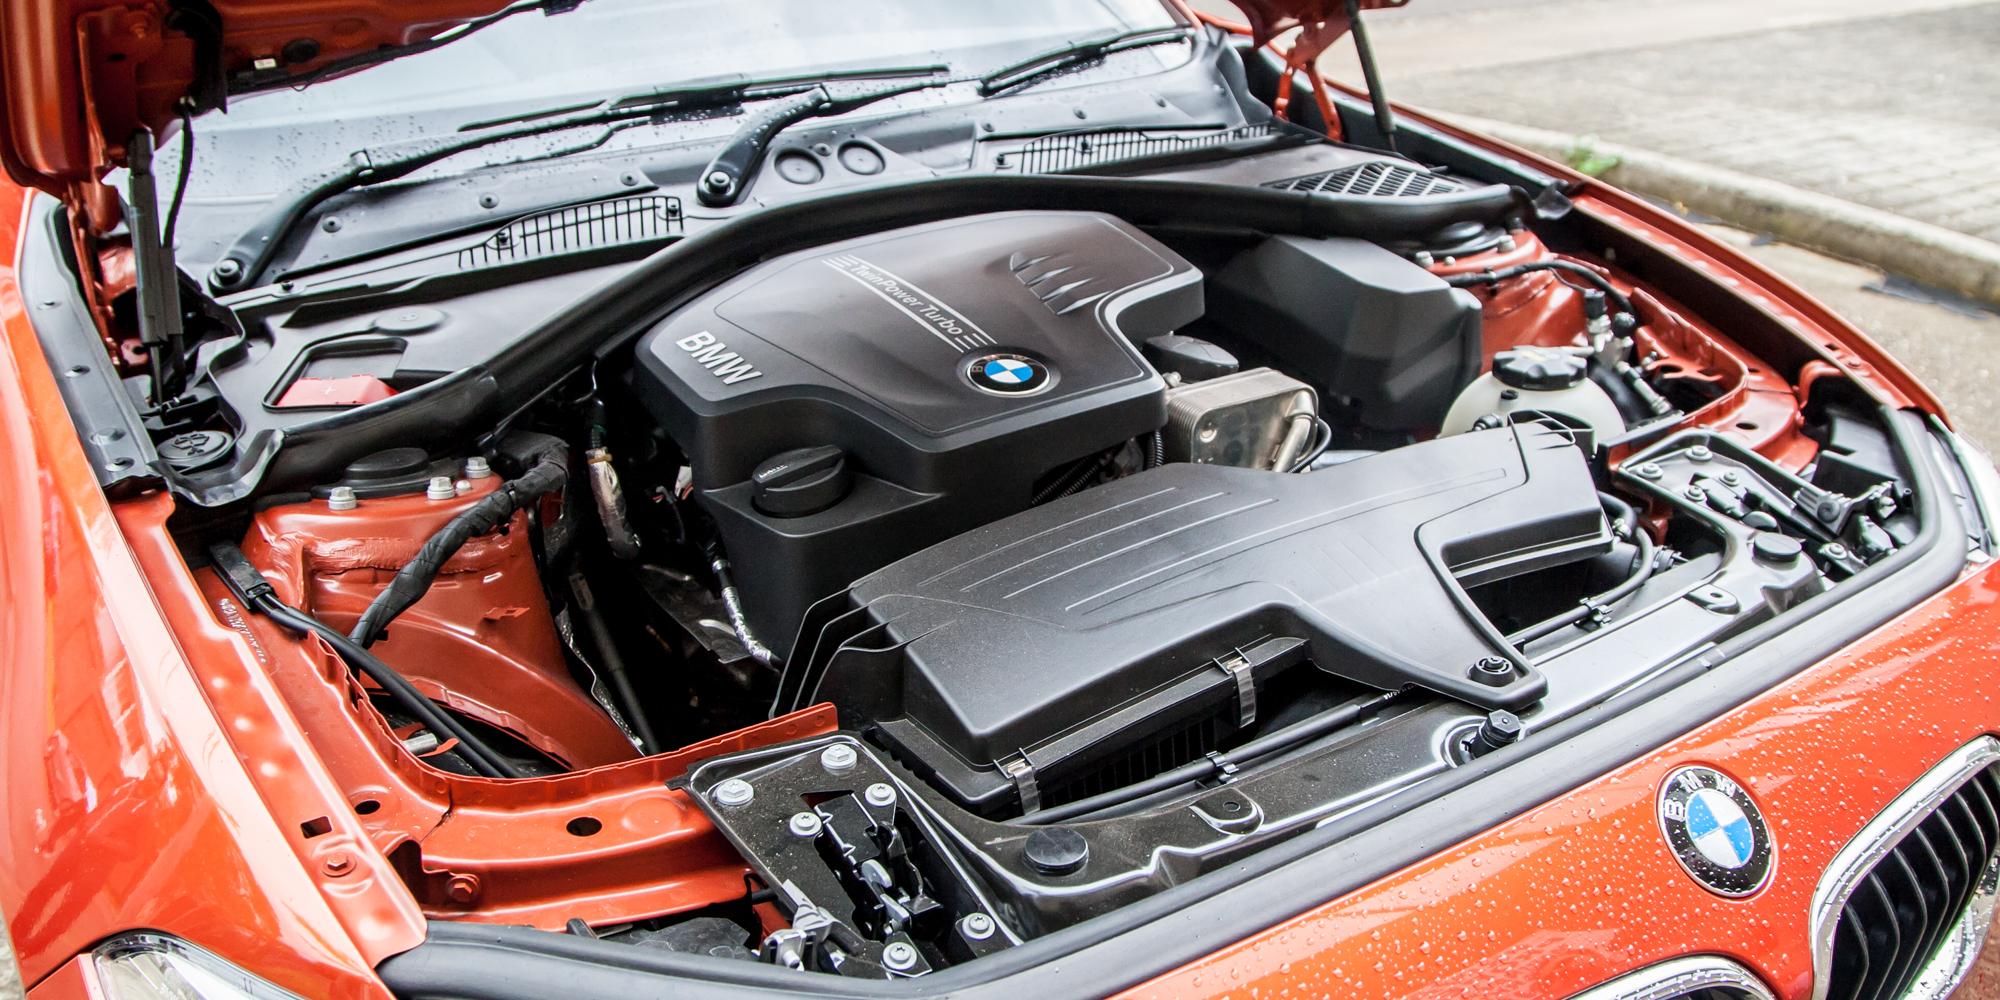 2015 BMW 125i Engine